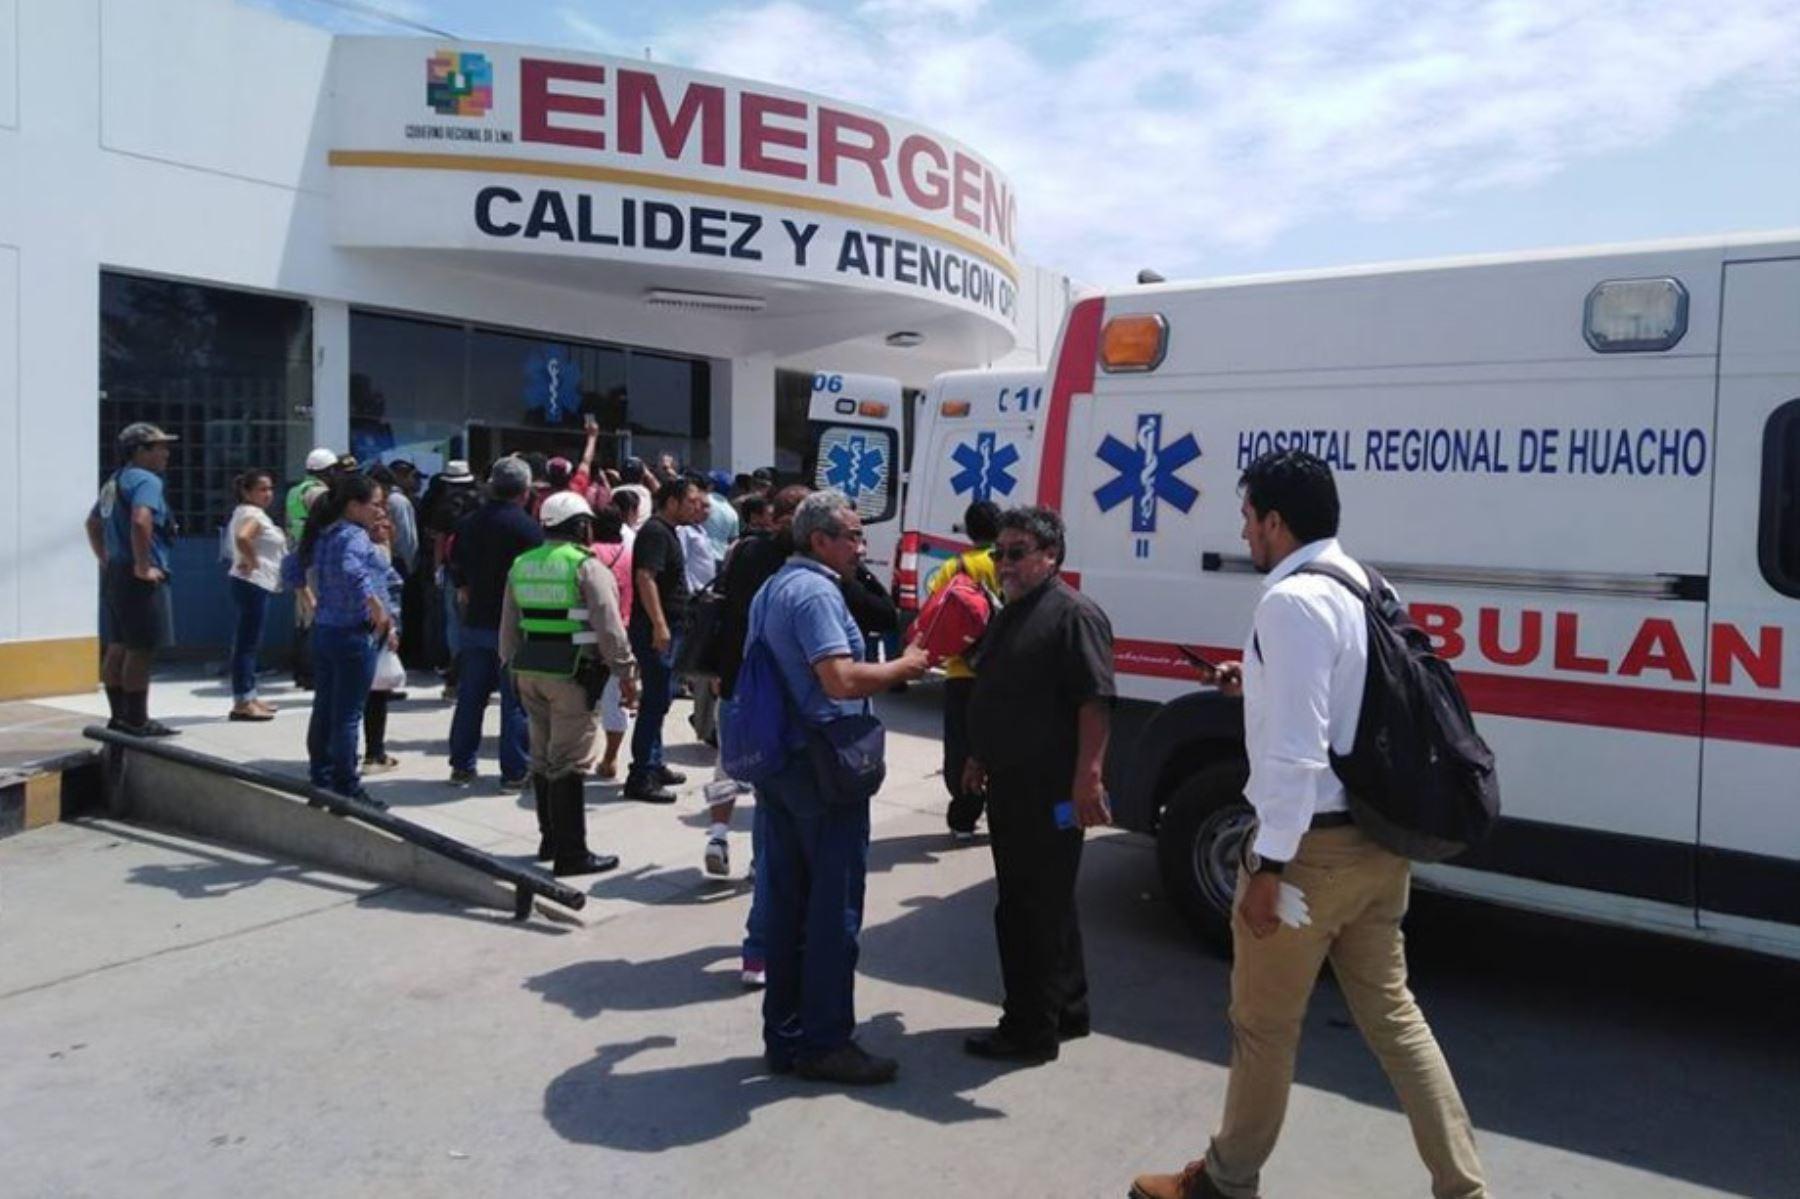 Huacho: dan de alta a 45 pacientes tras recibir atención en hospital regional